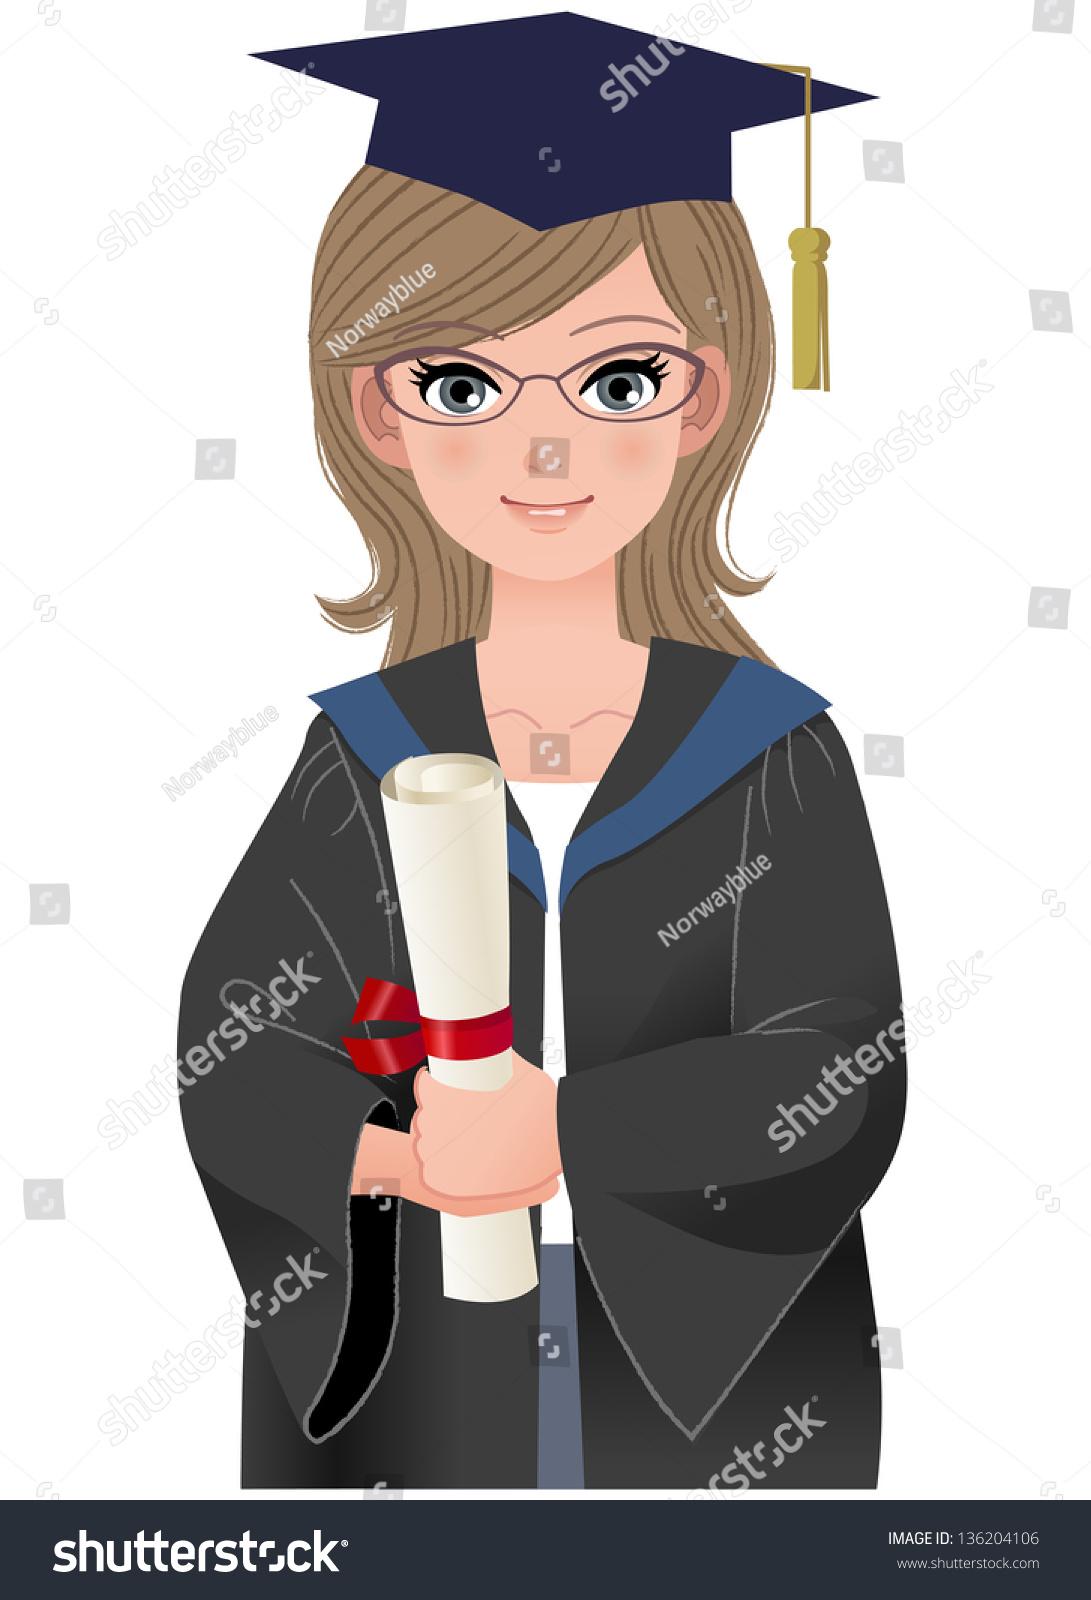 快乐的女研究生学位服拿着文凭.文件包含梯度,混合和.图片